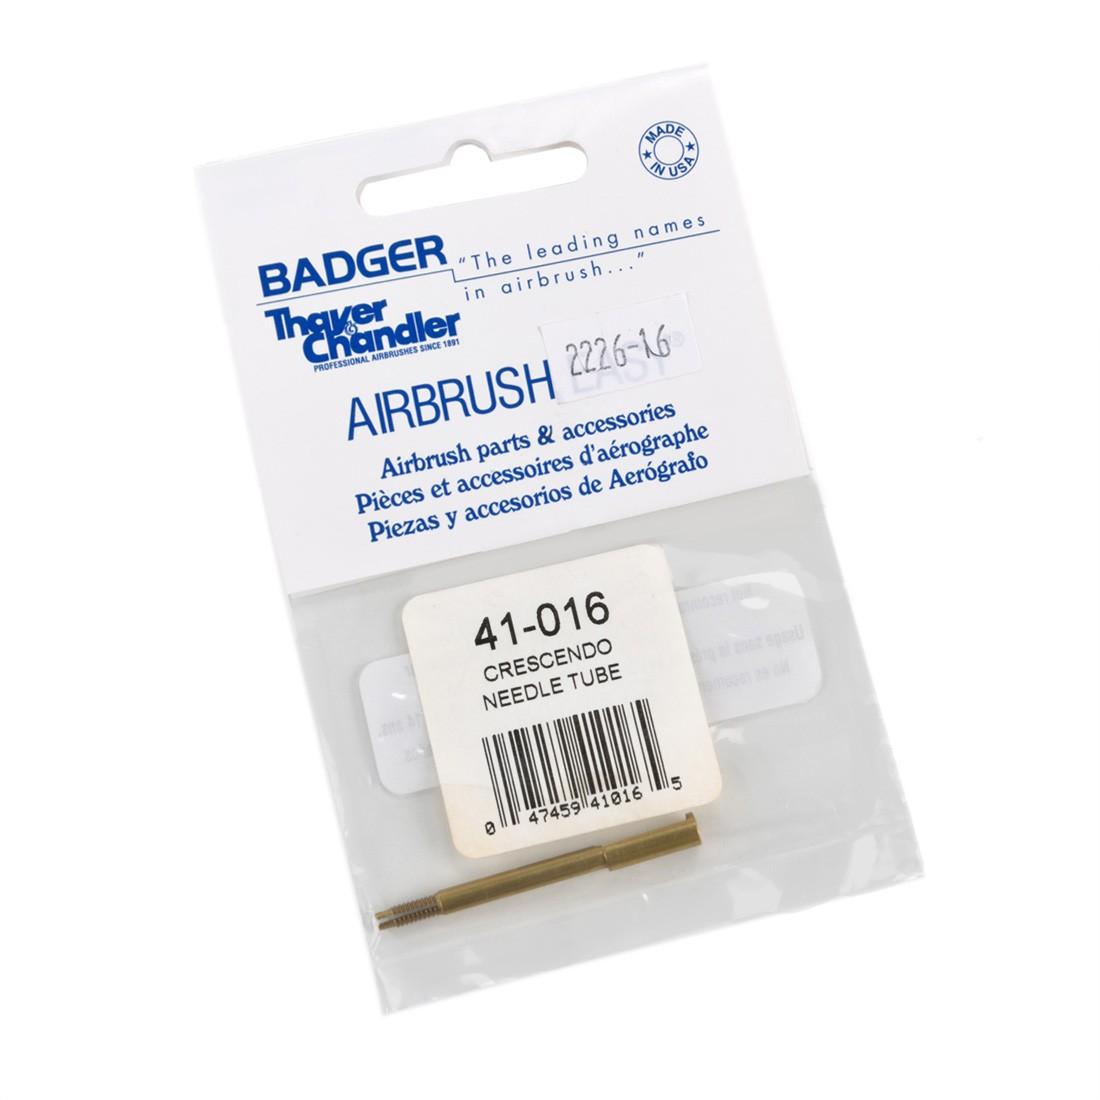 Badger 41-016